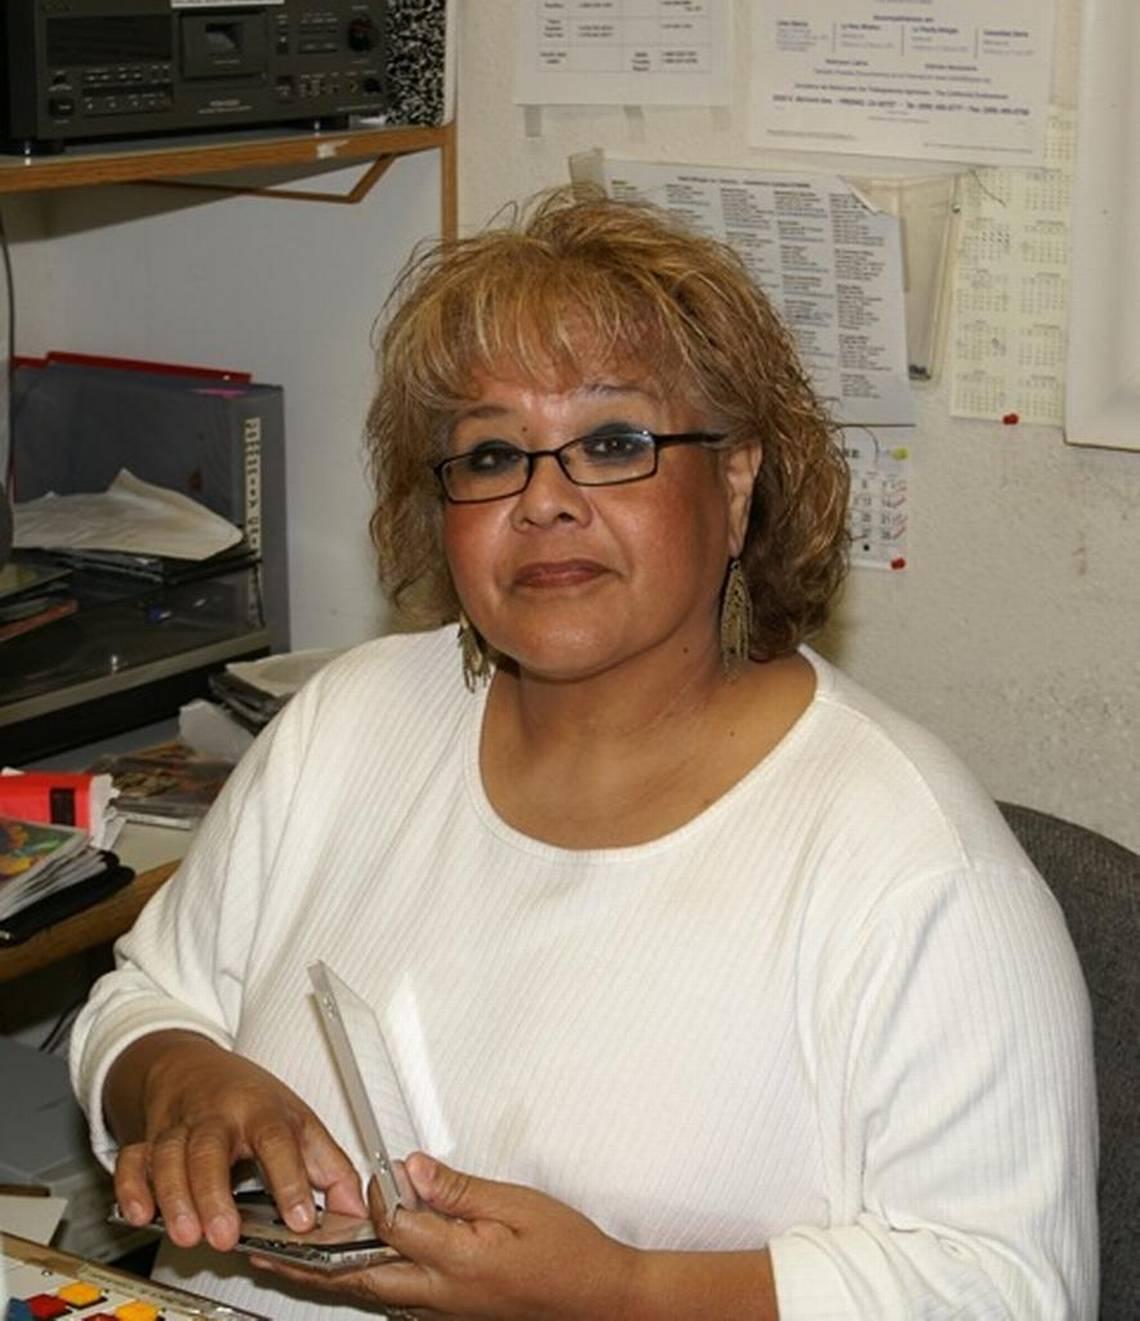 La señora Alma Garza, legendaria promotora y difusora de la música texana, se recordará siempre con cariño en Radio Bilingüe, donde hizo uso del micrófono por décadas. Foto: Radio Bilingüe.